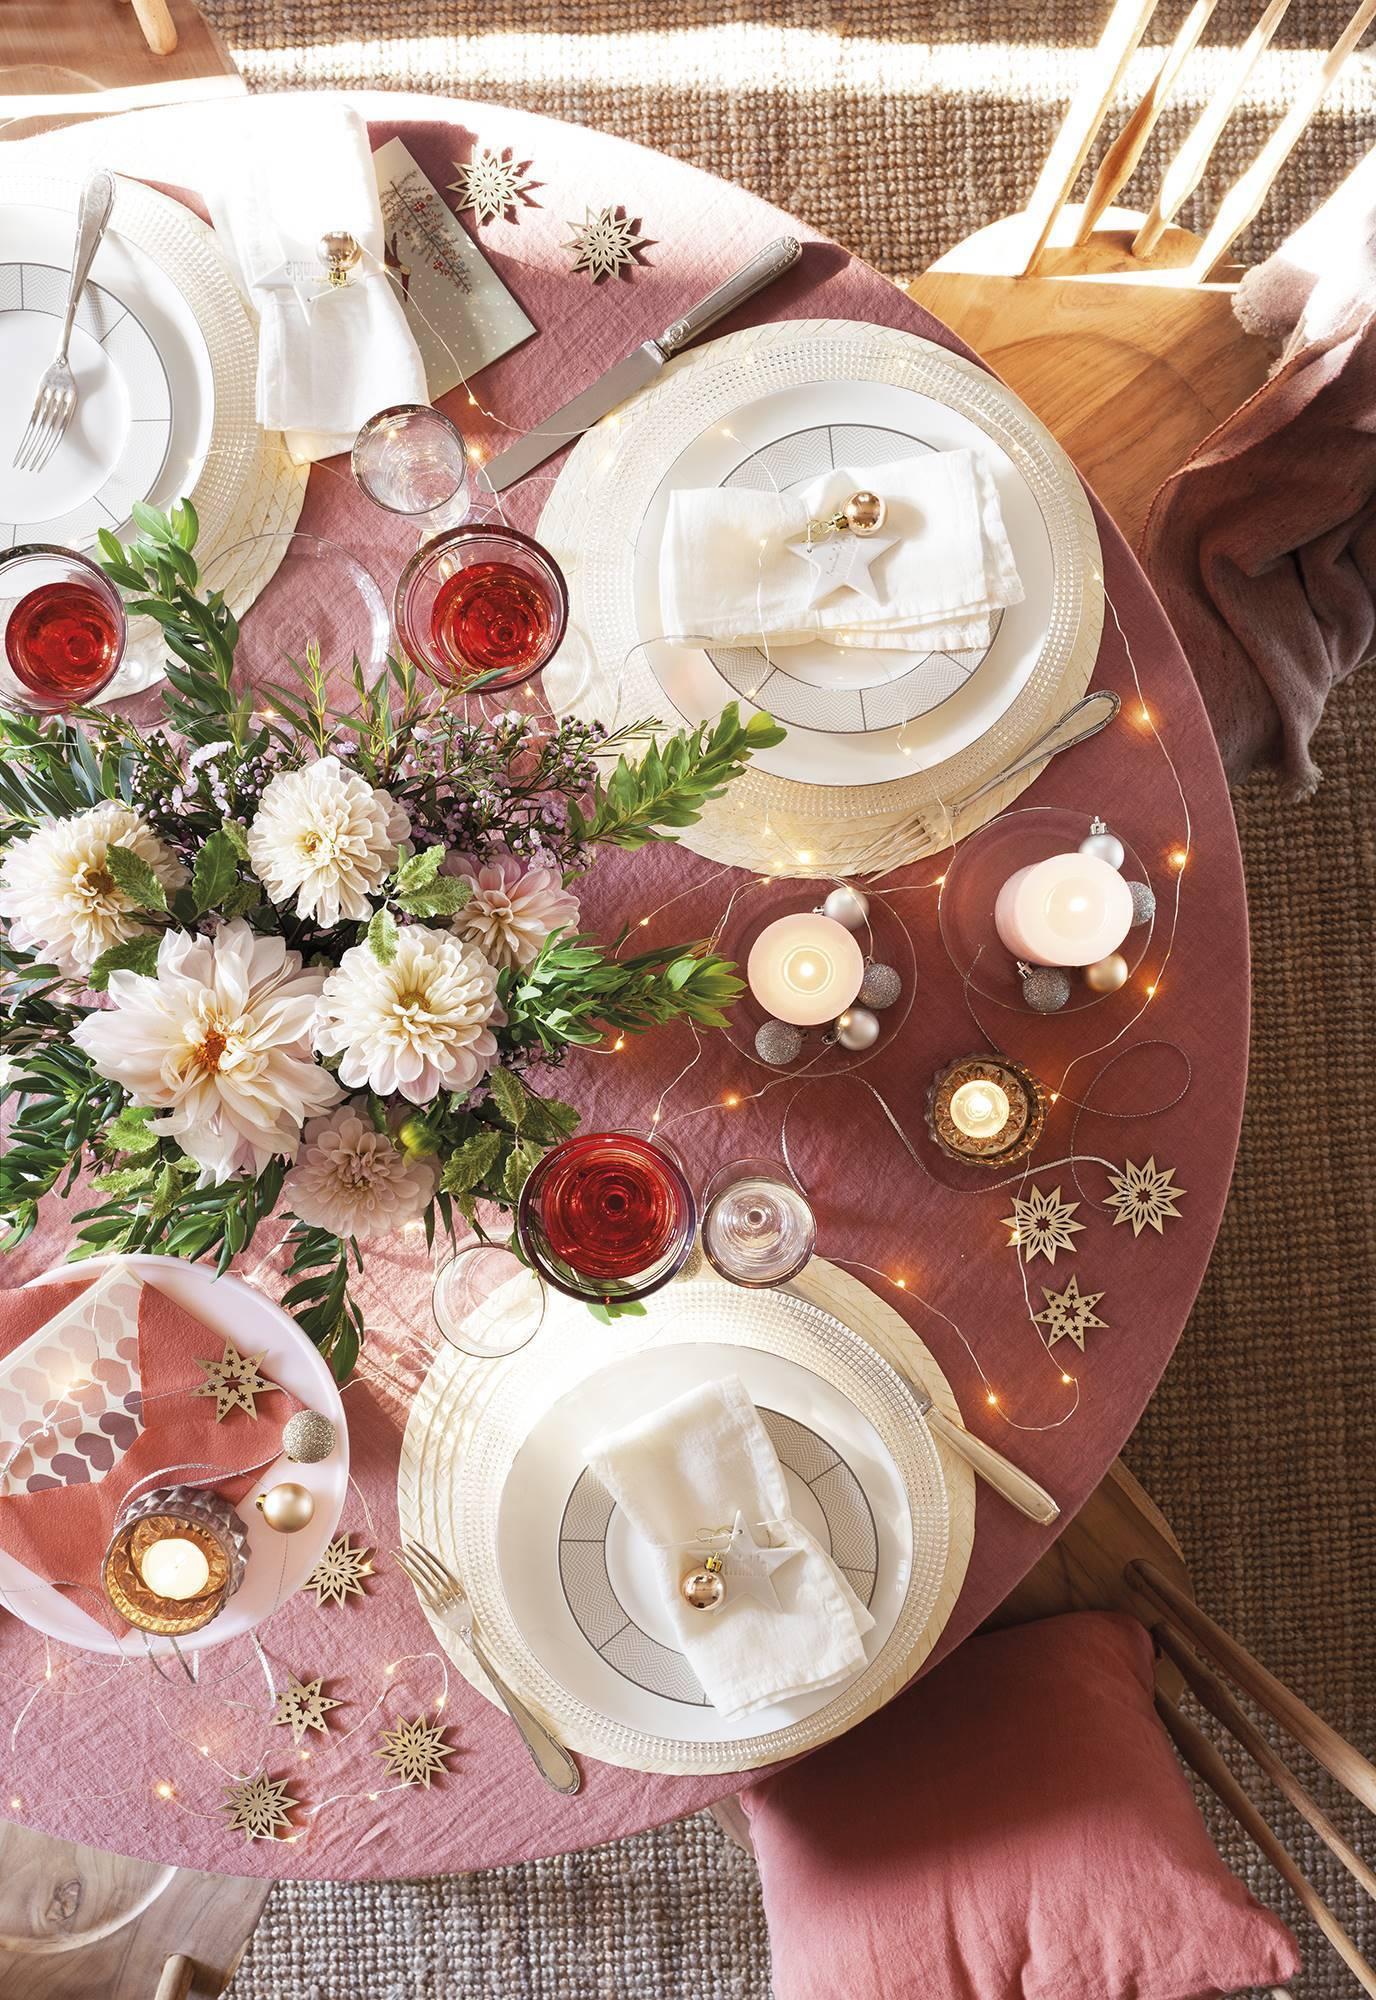 Căn nhà bừng sáng lung linh mùa Giáng sinh nhờ khéo mix đồ trang trí - Ảnh 6.